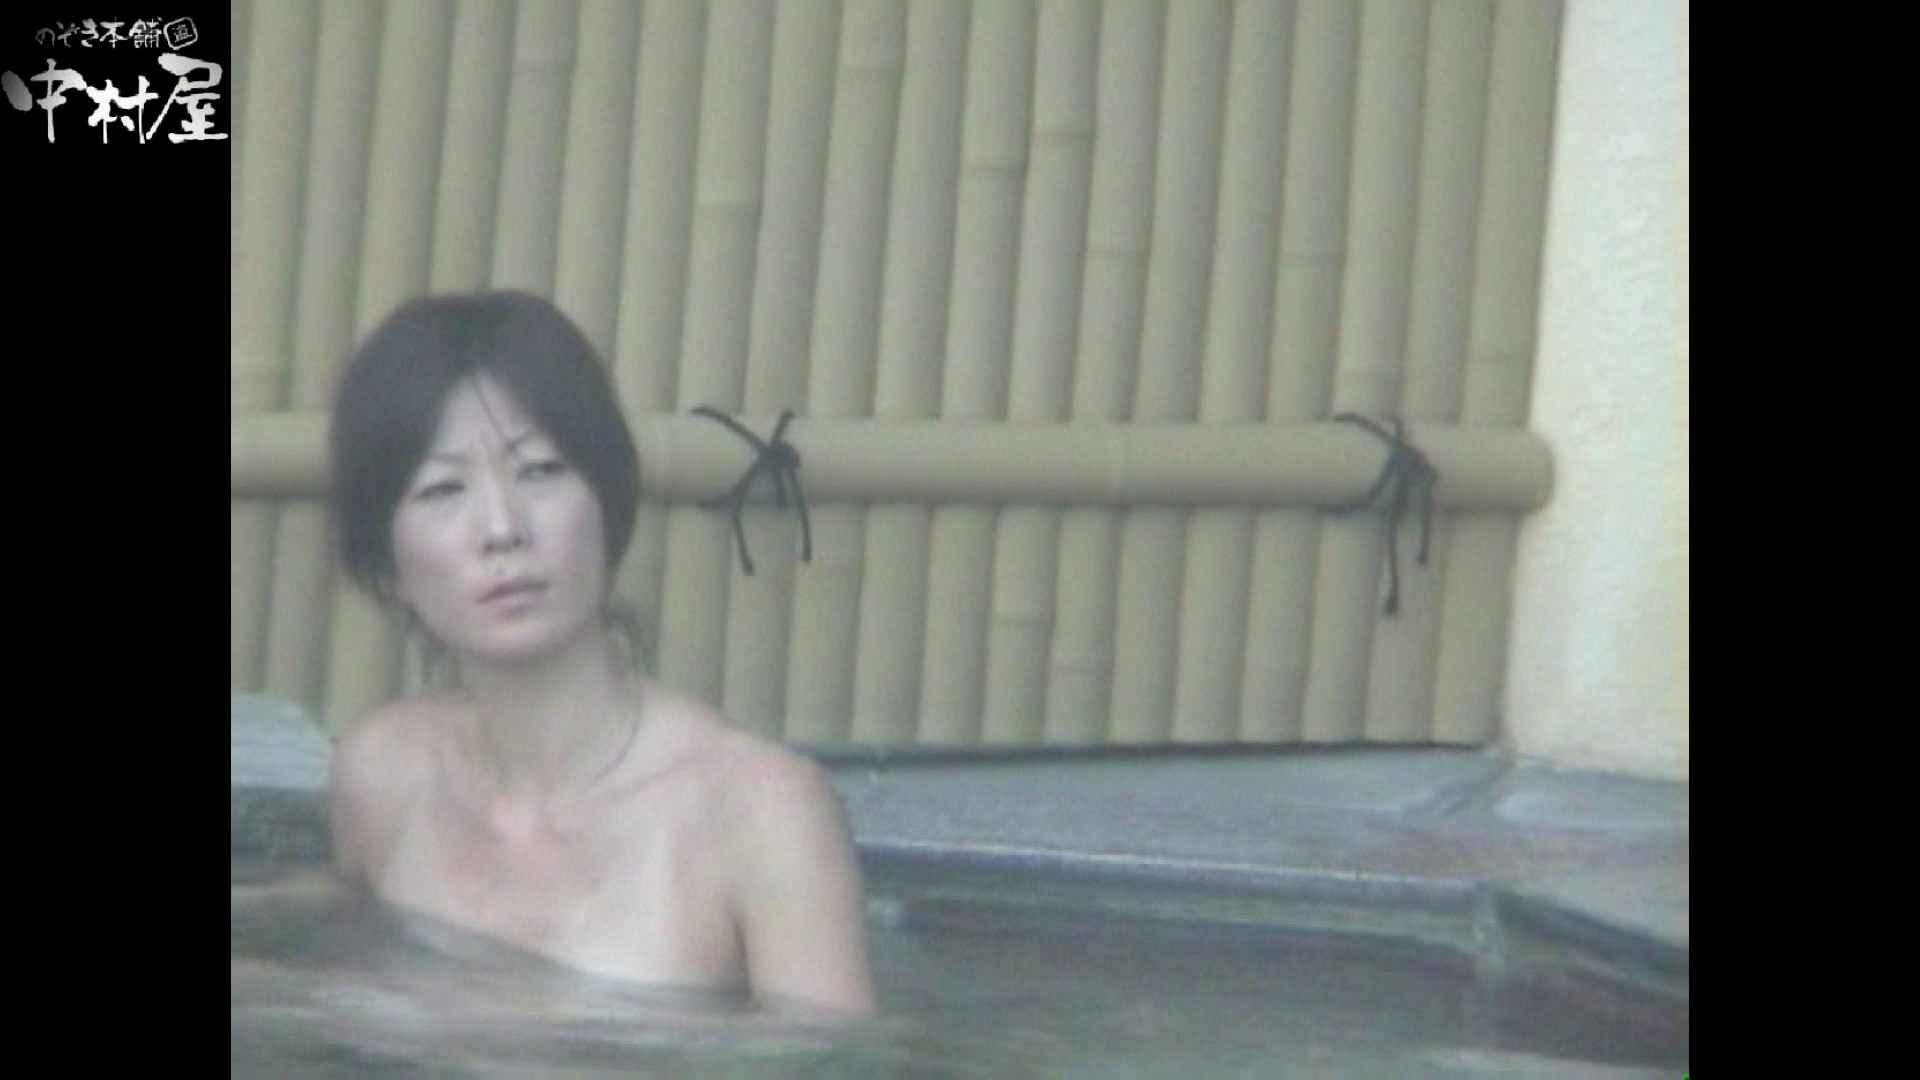 Aquaな露天風呂Vol.972 OLのエロ生活   盗撮  105連発 22